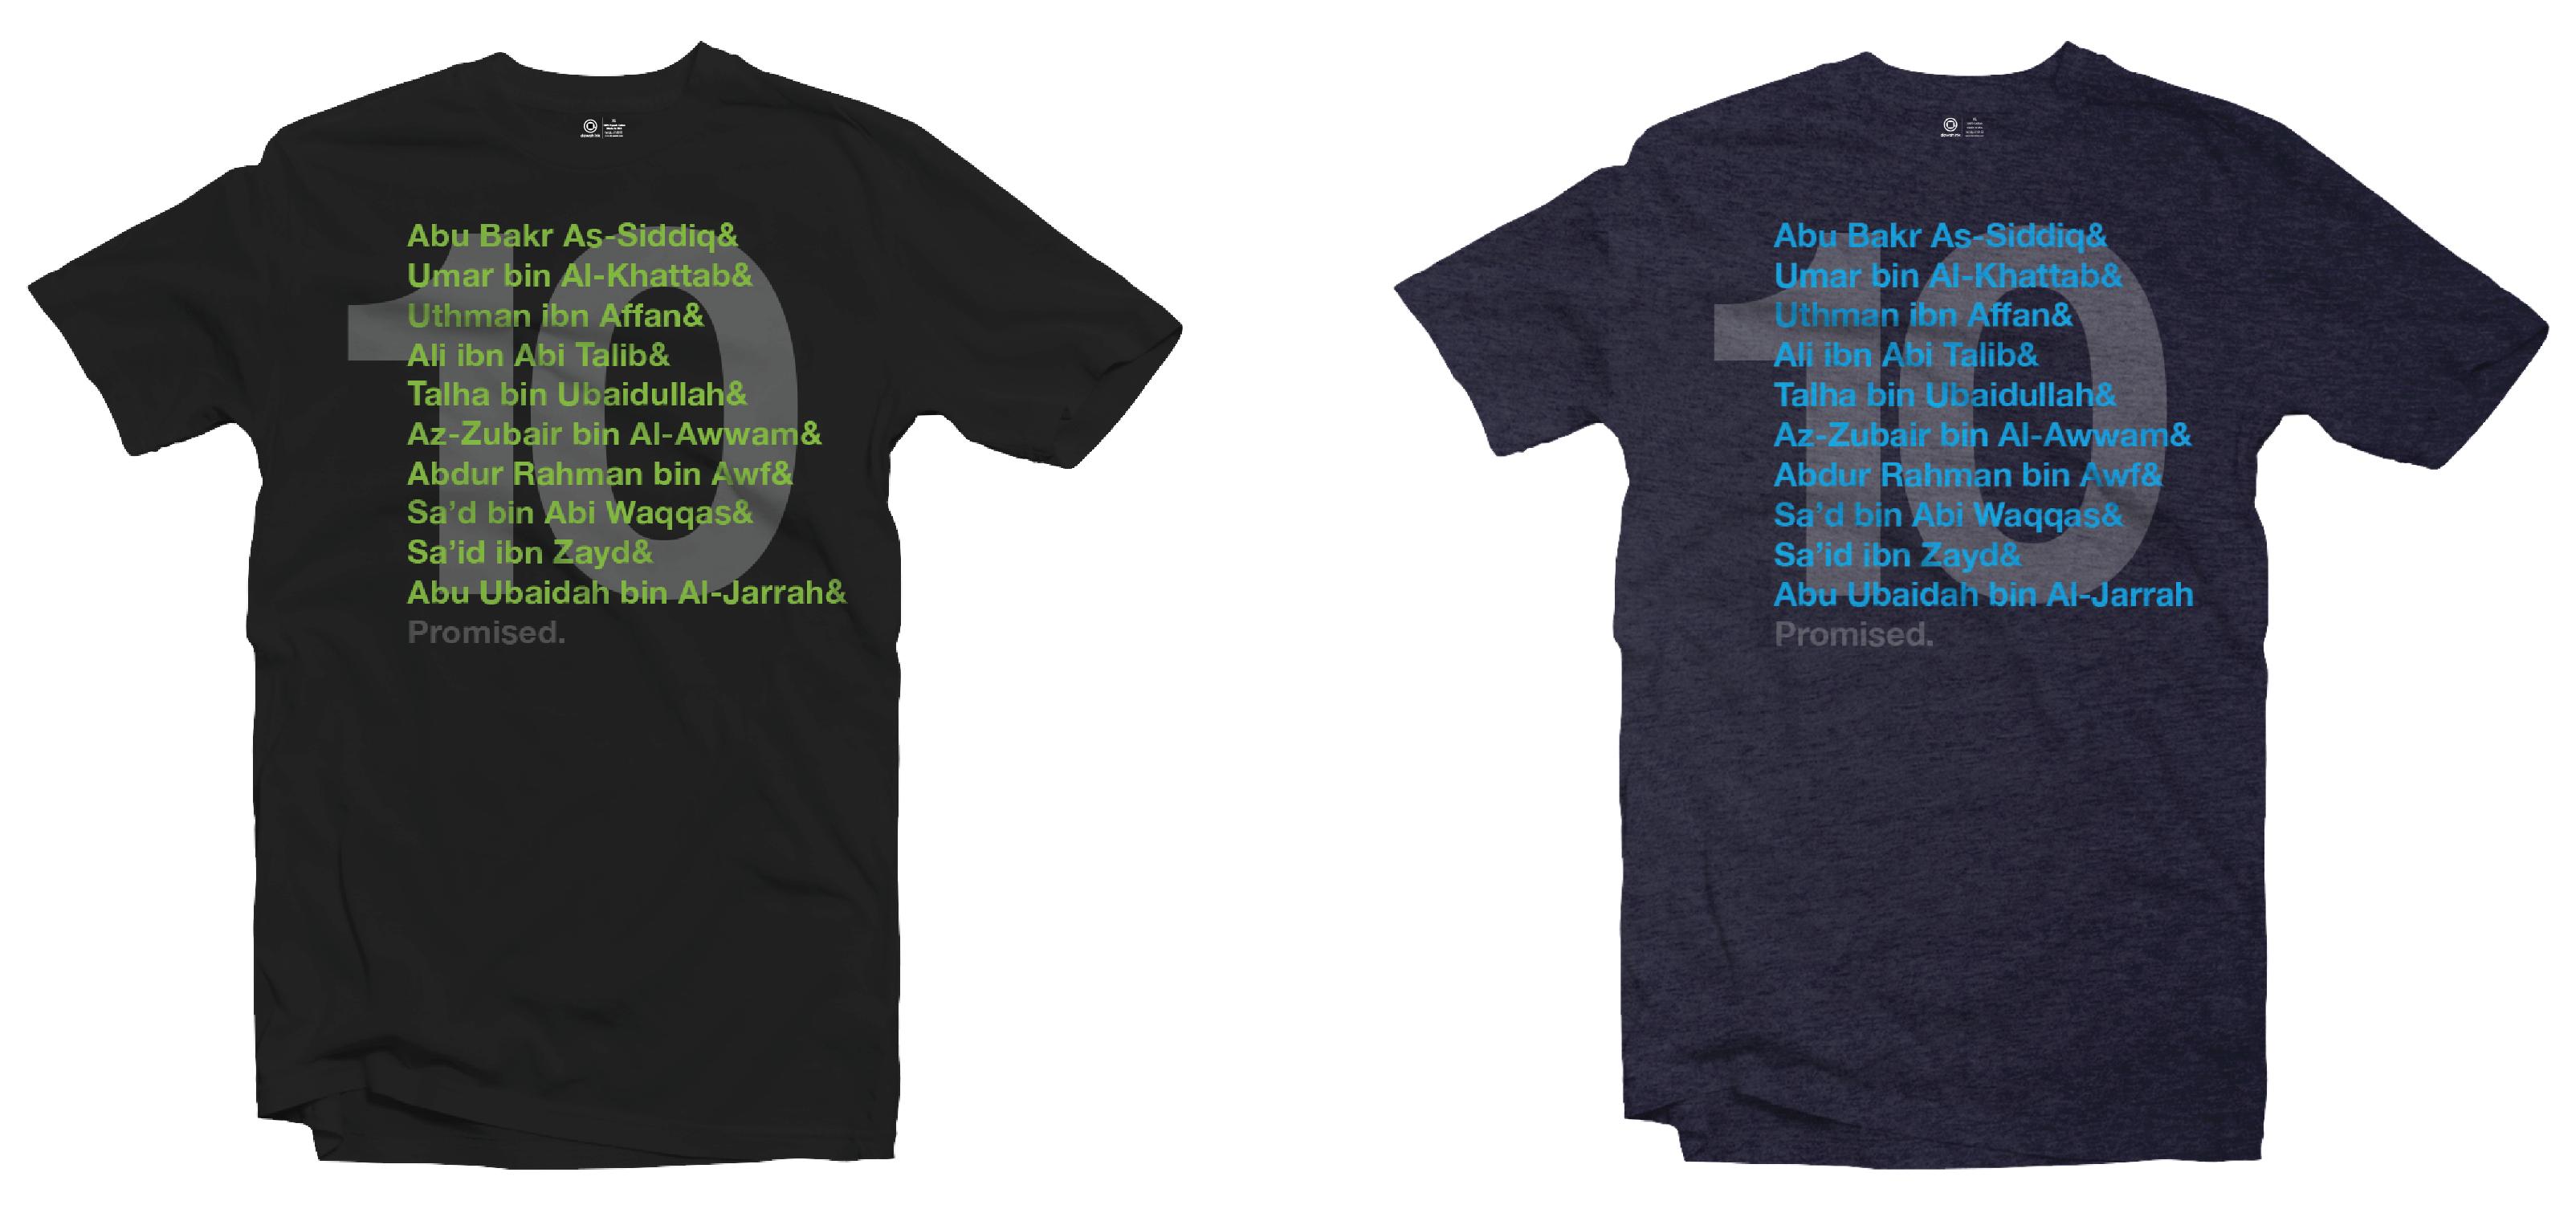 Großartig Umbra Shirt Rahmen Fotos - Benutzerdefinierte Bilderrahmen ...